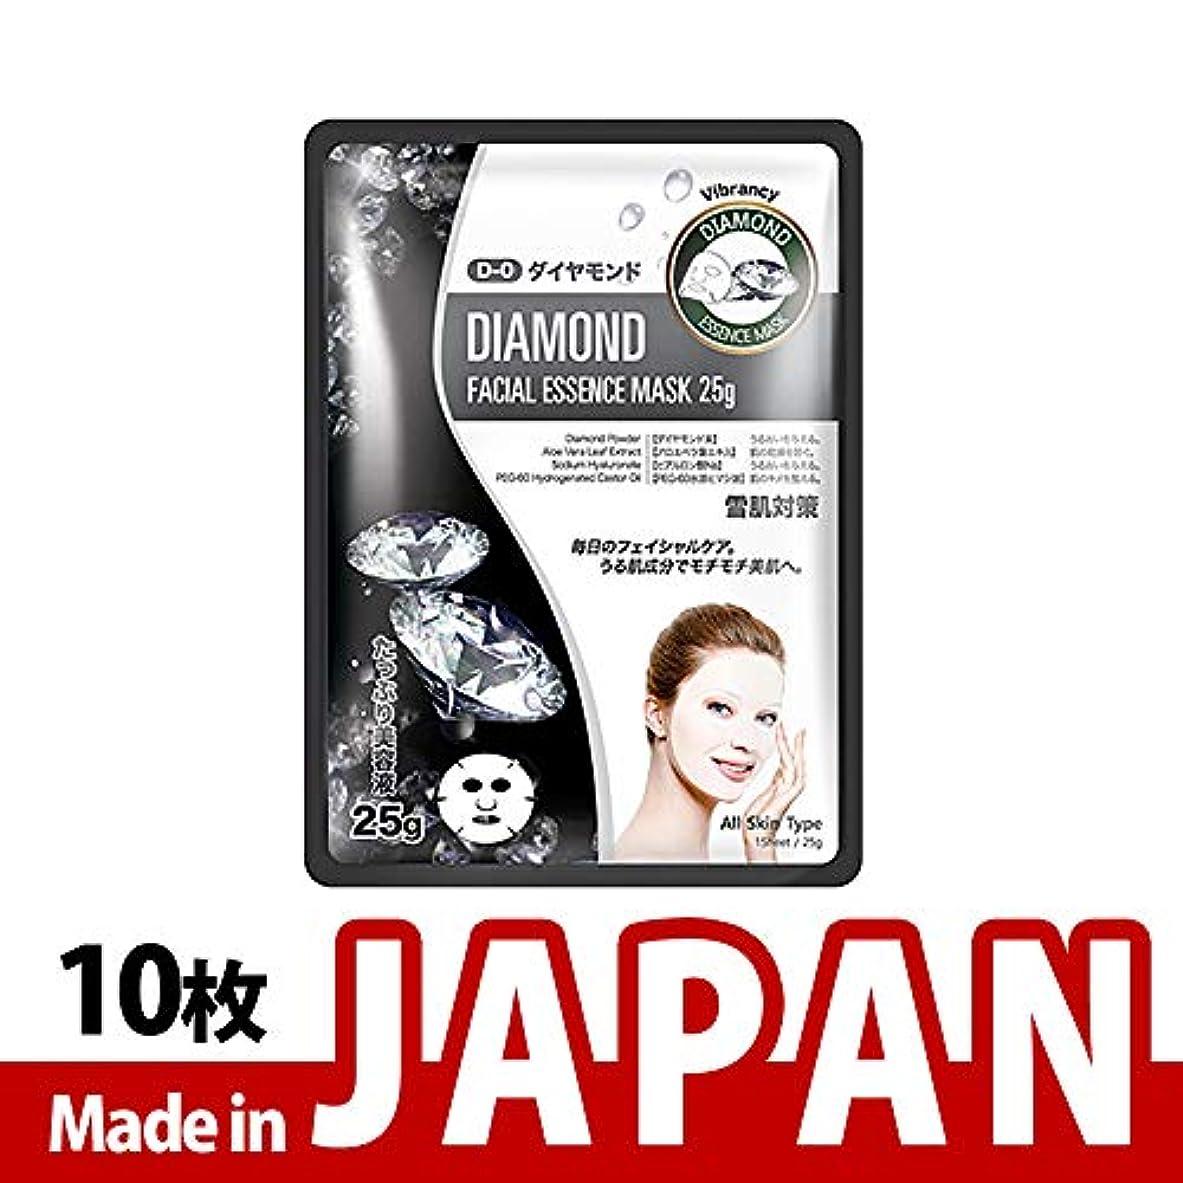 コンピューターゲームをプレイする強度スキームMITOMO【MT512-D-0】日本製シートマスク/10枚入り/10枚/美容液/マスクパック/送料無料